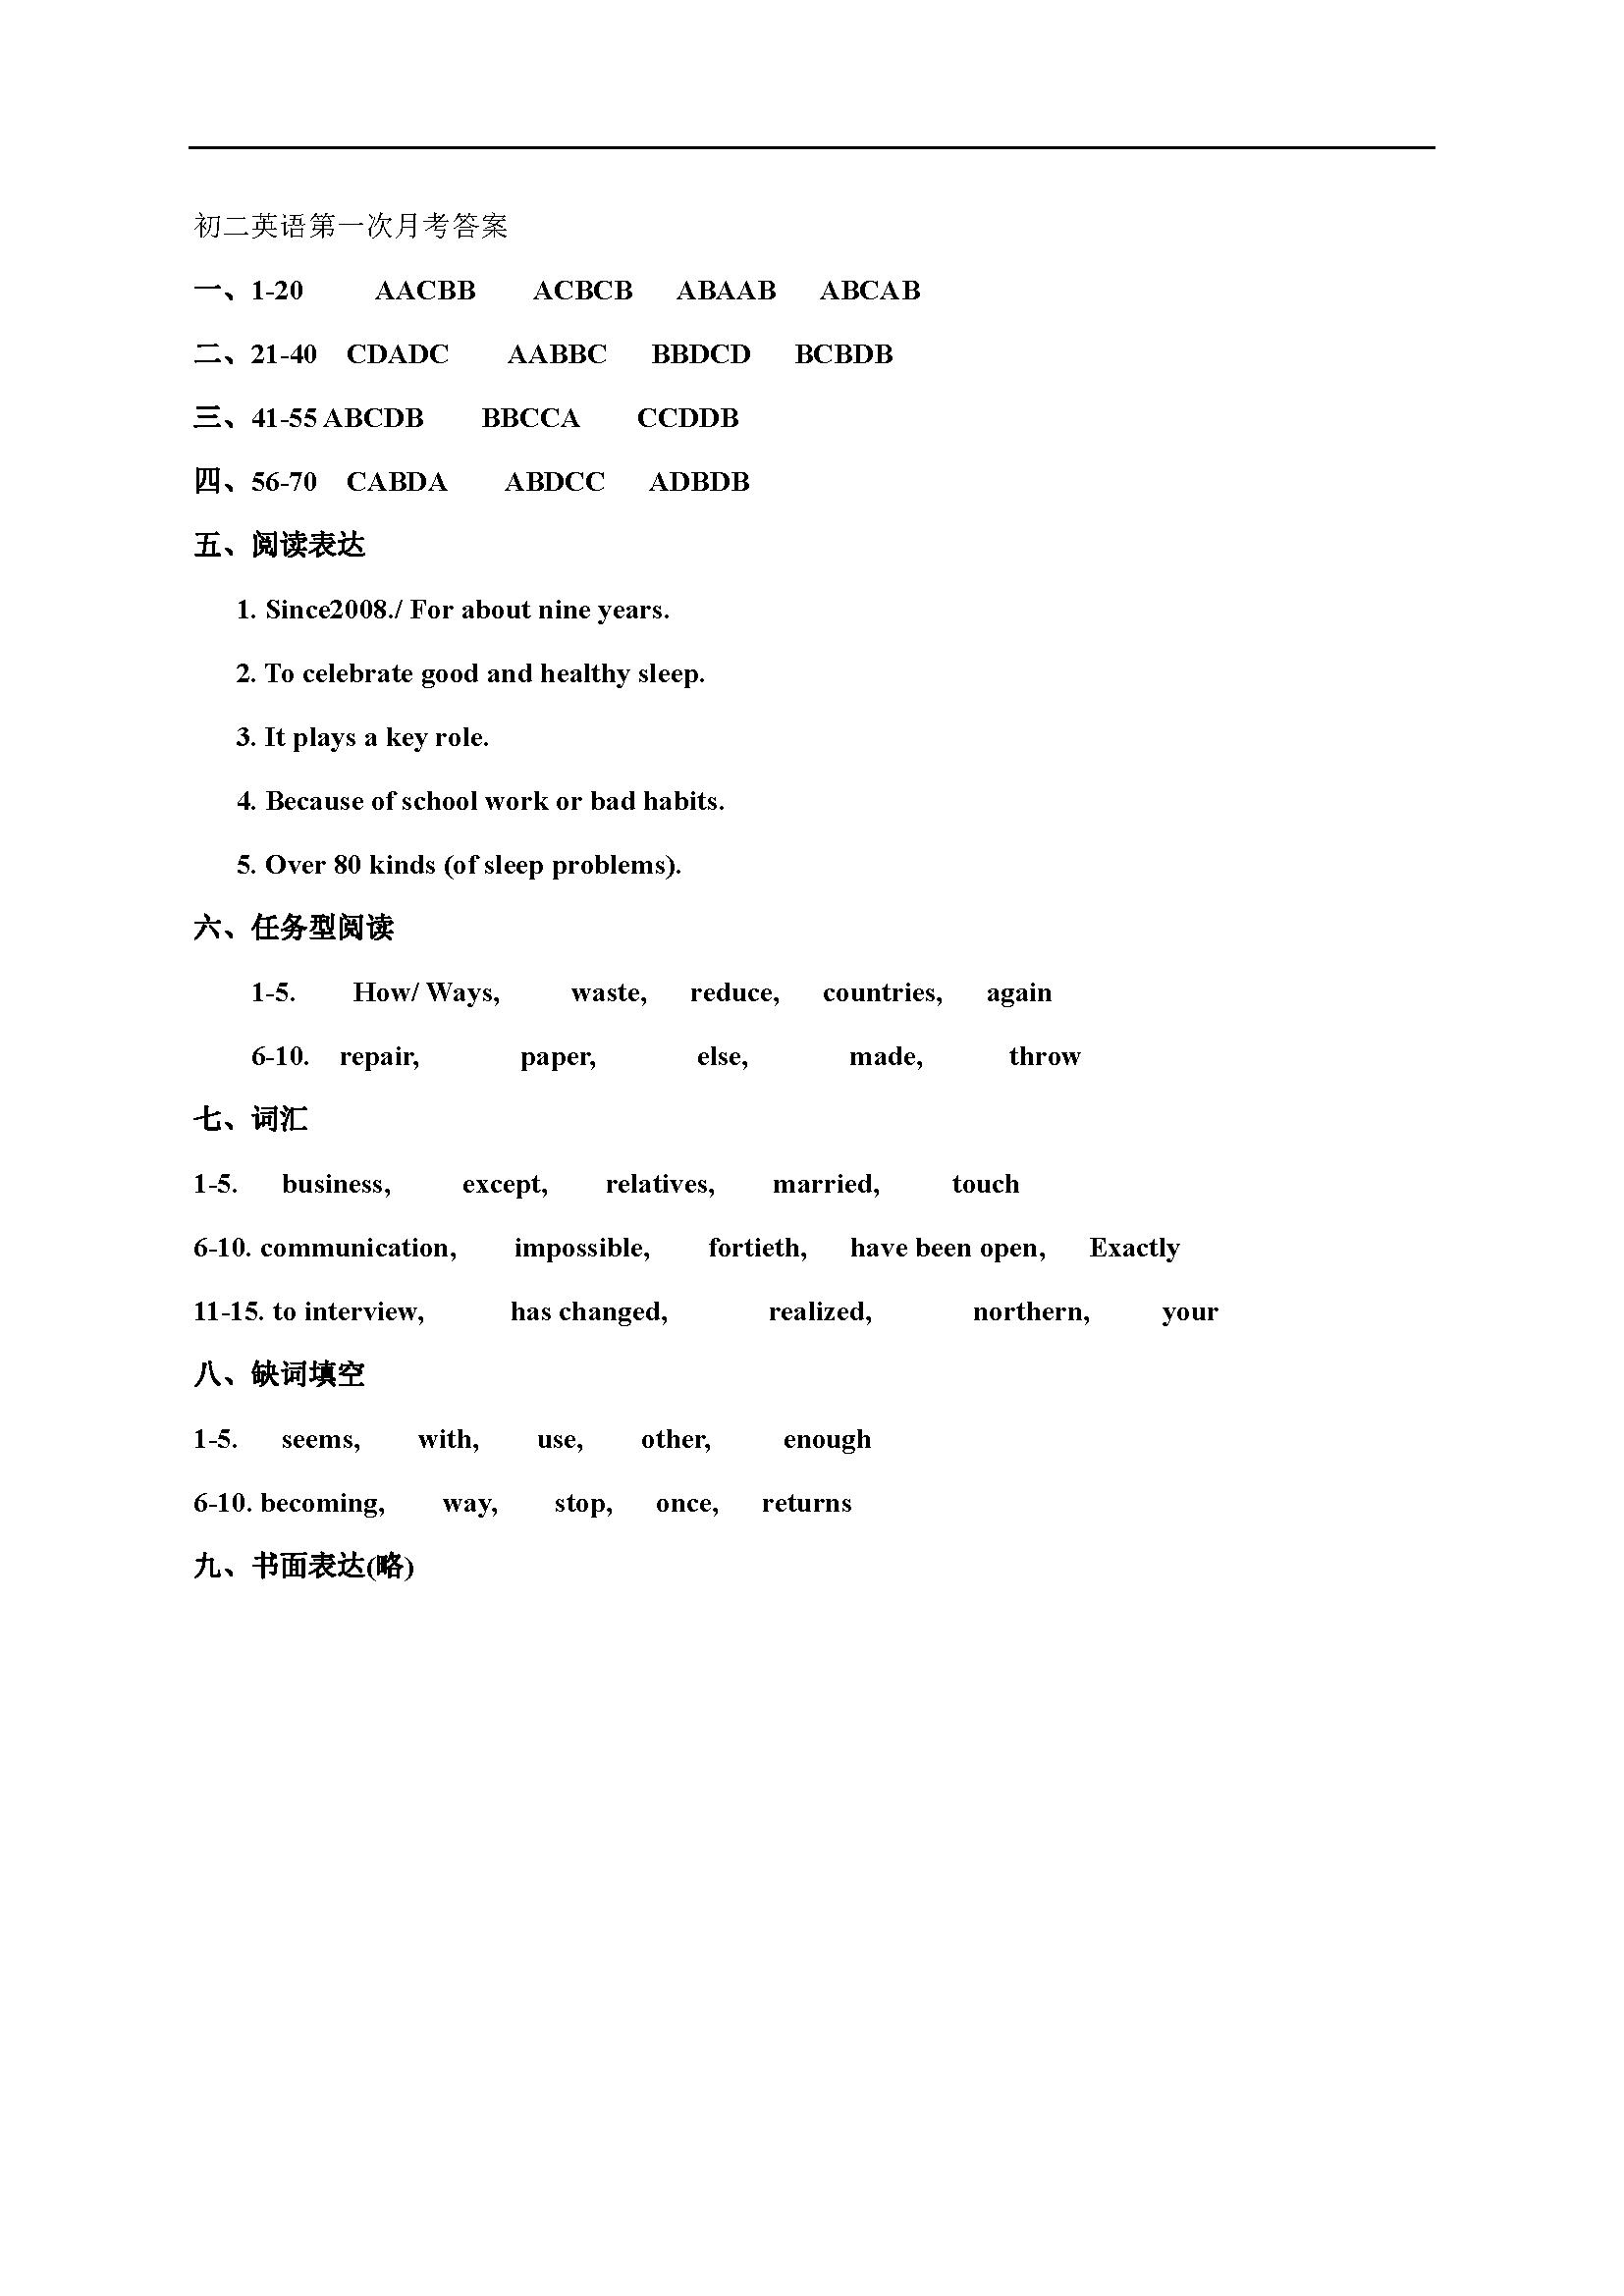 江苏泰州中学附属初级中学2016-2017八年级下第一次月考英语试题答案(Word版)